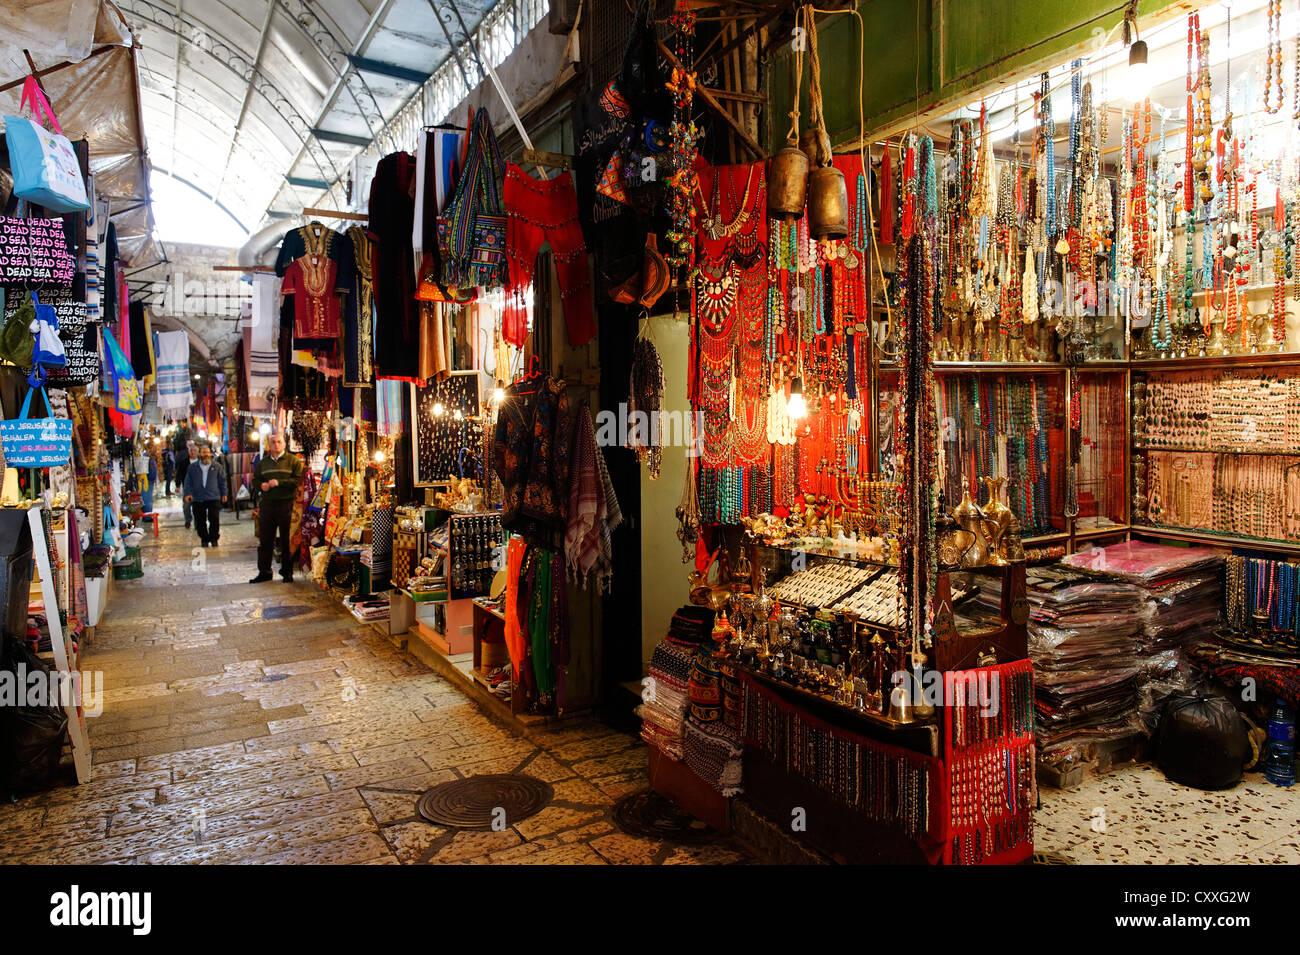 Bazaar, souk, Jerusalem, Israel, Middle East - Stock Image